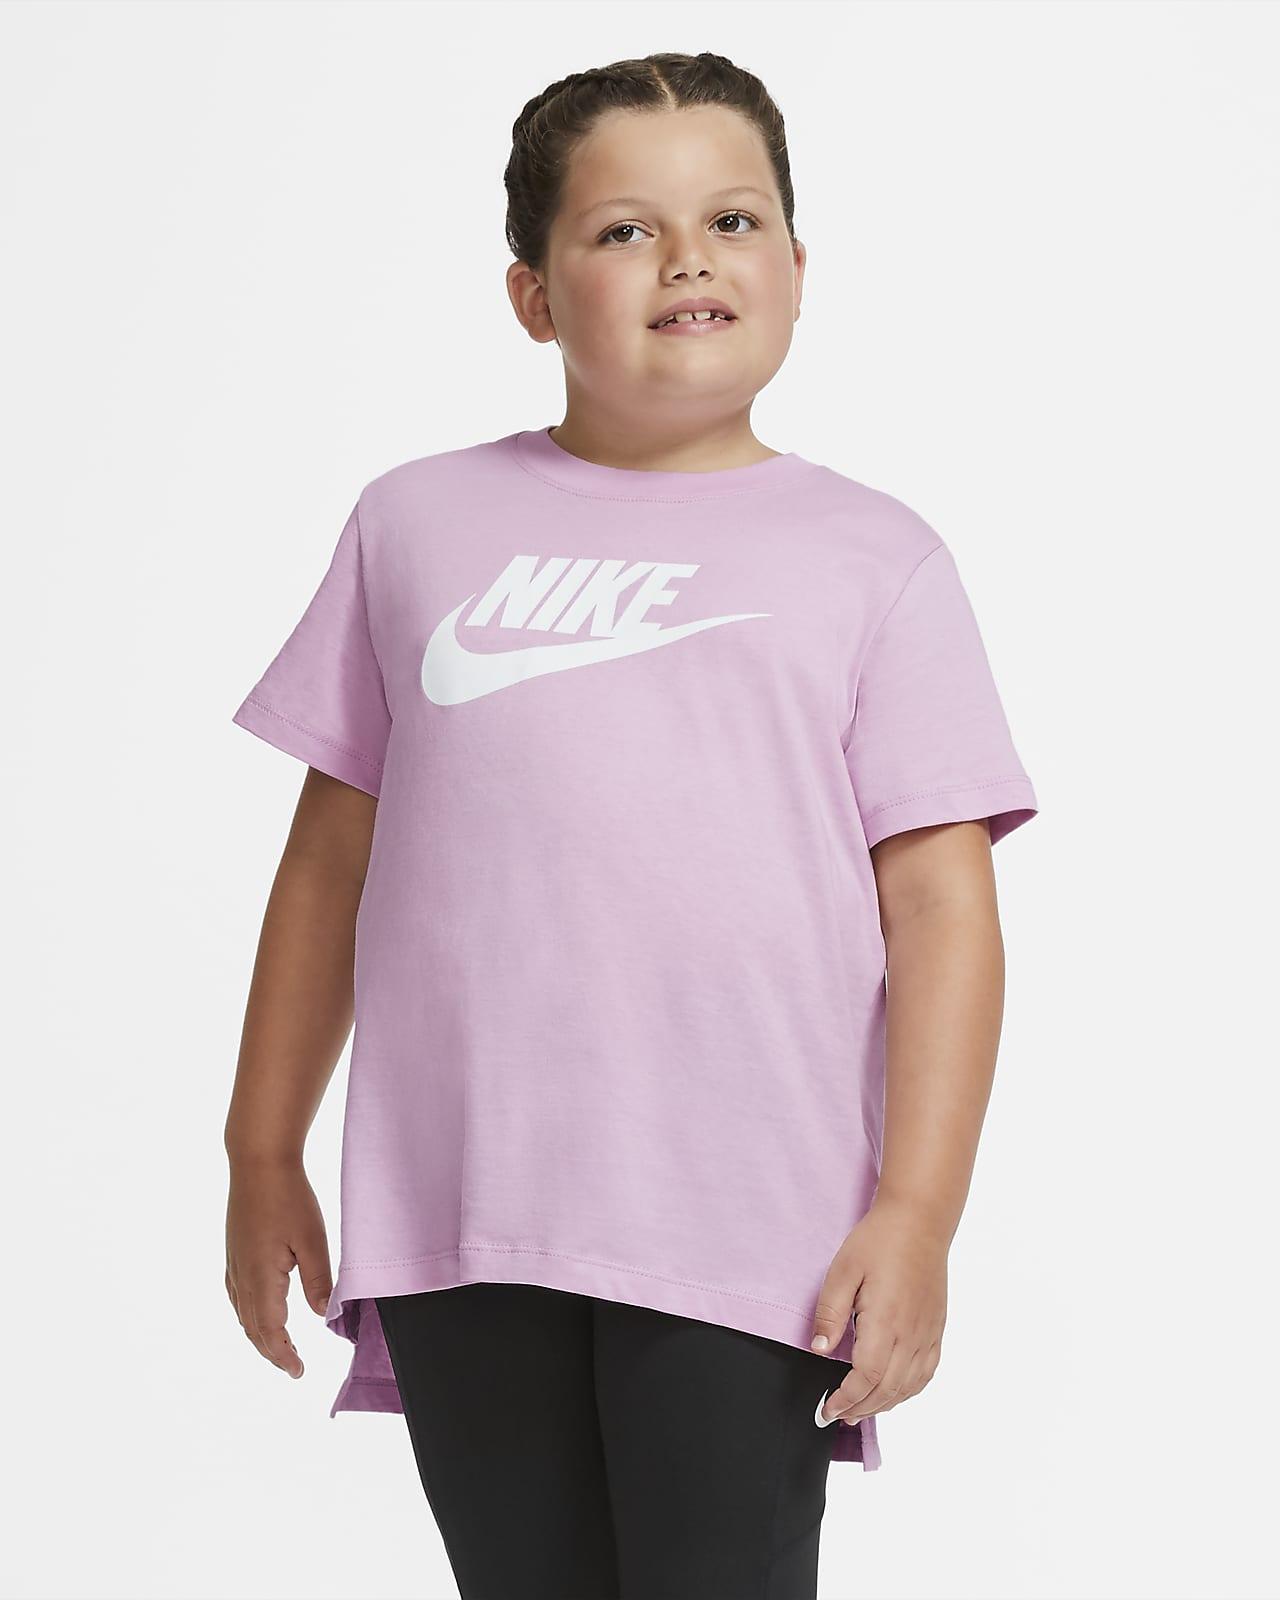 Nike Older Kids' (Girls') T-Shirt (Extended Size)